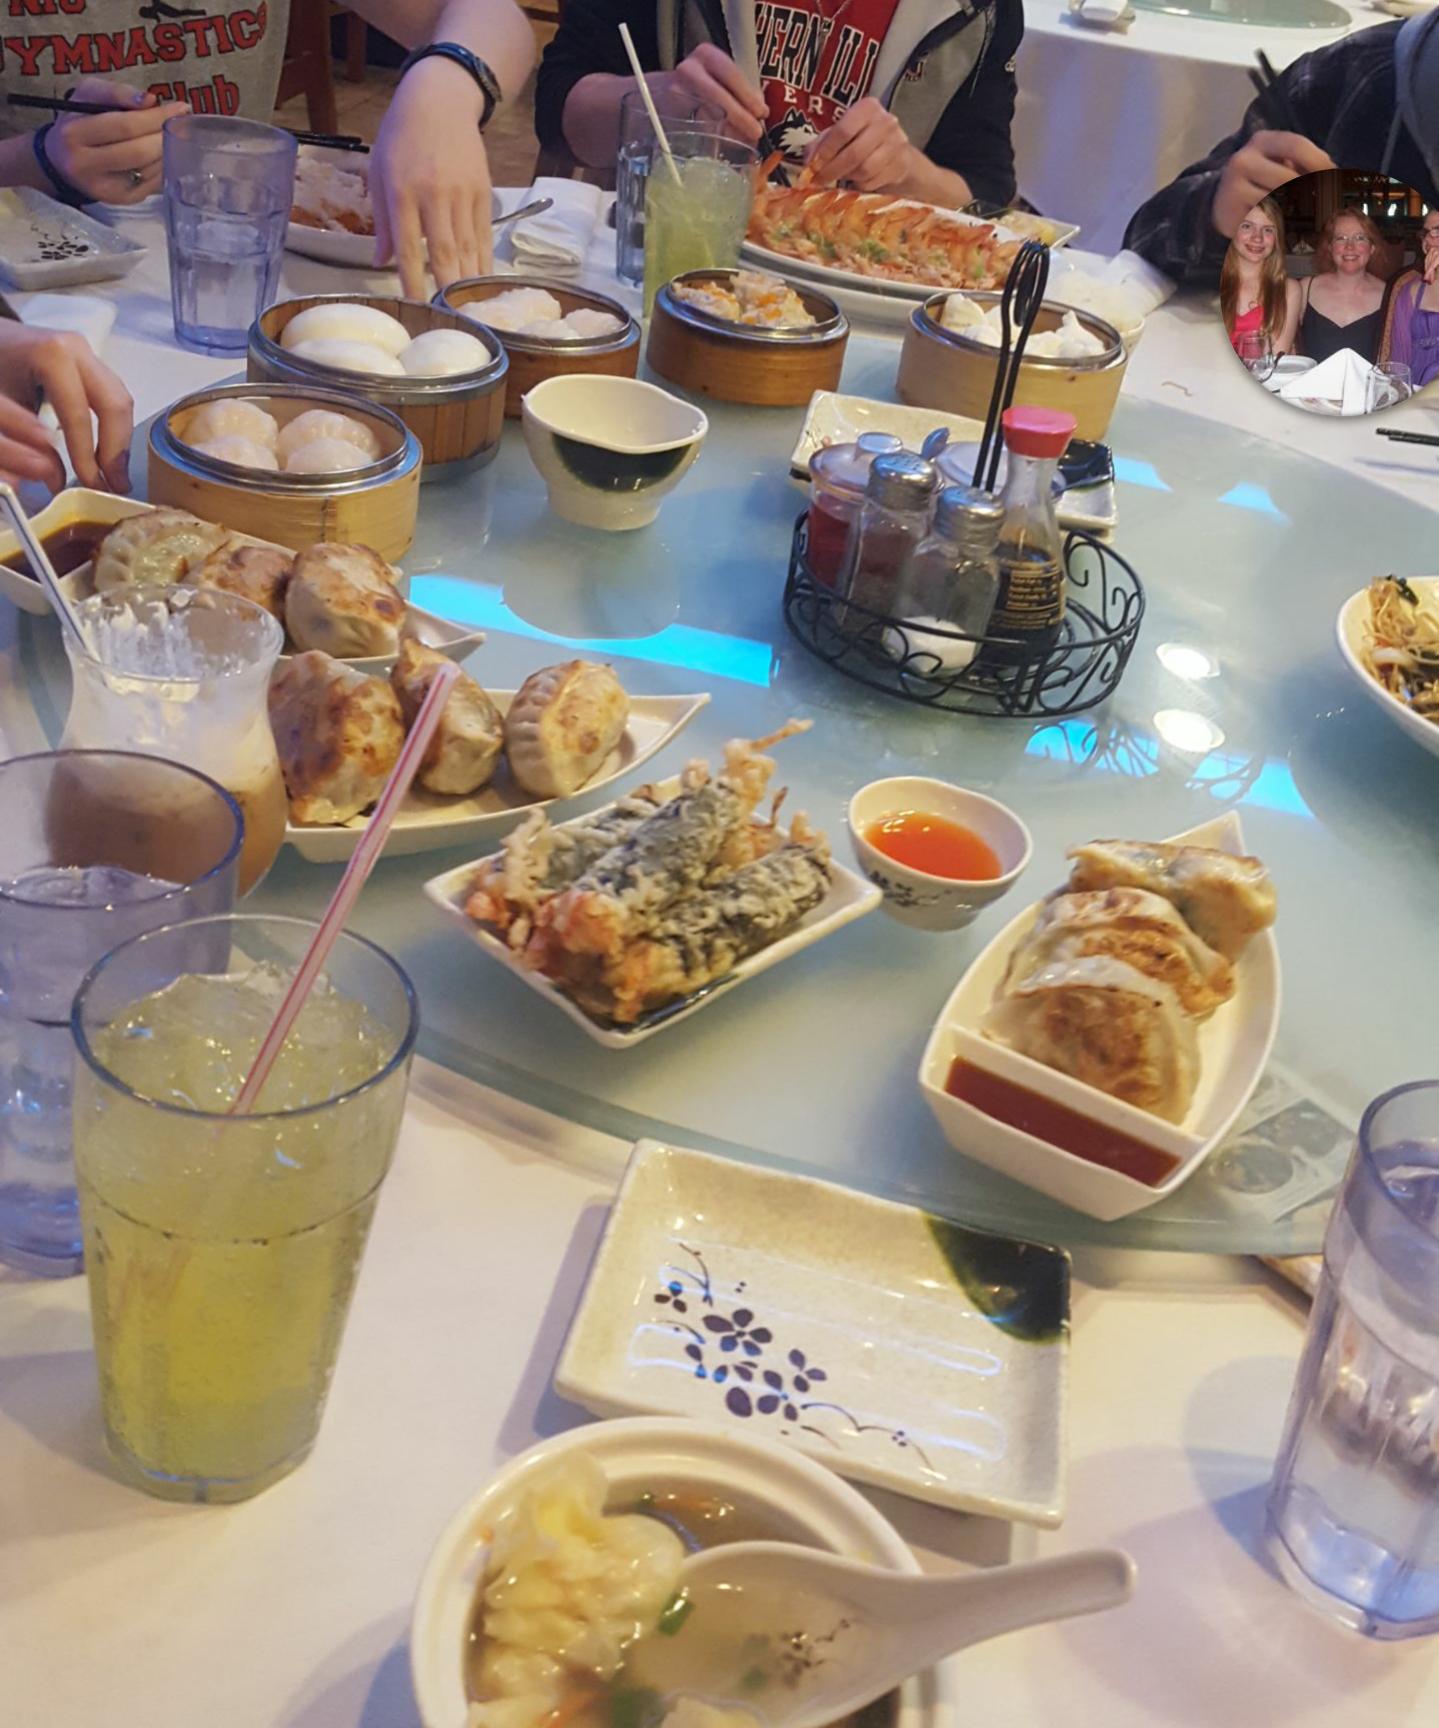 Regionals Feast 2018